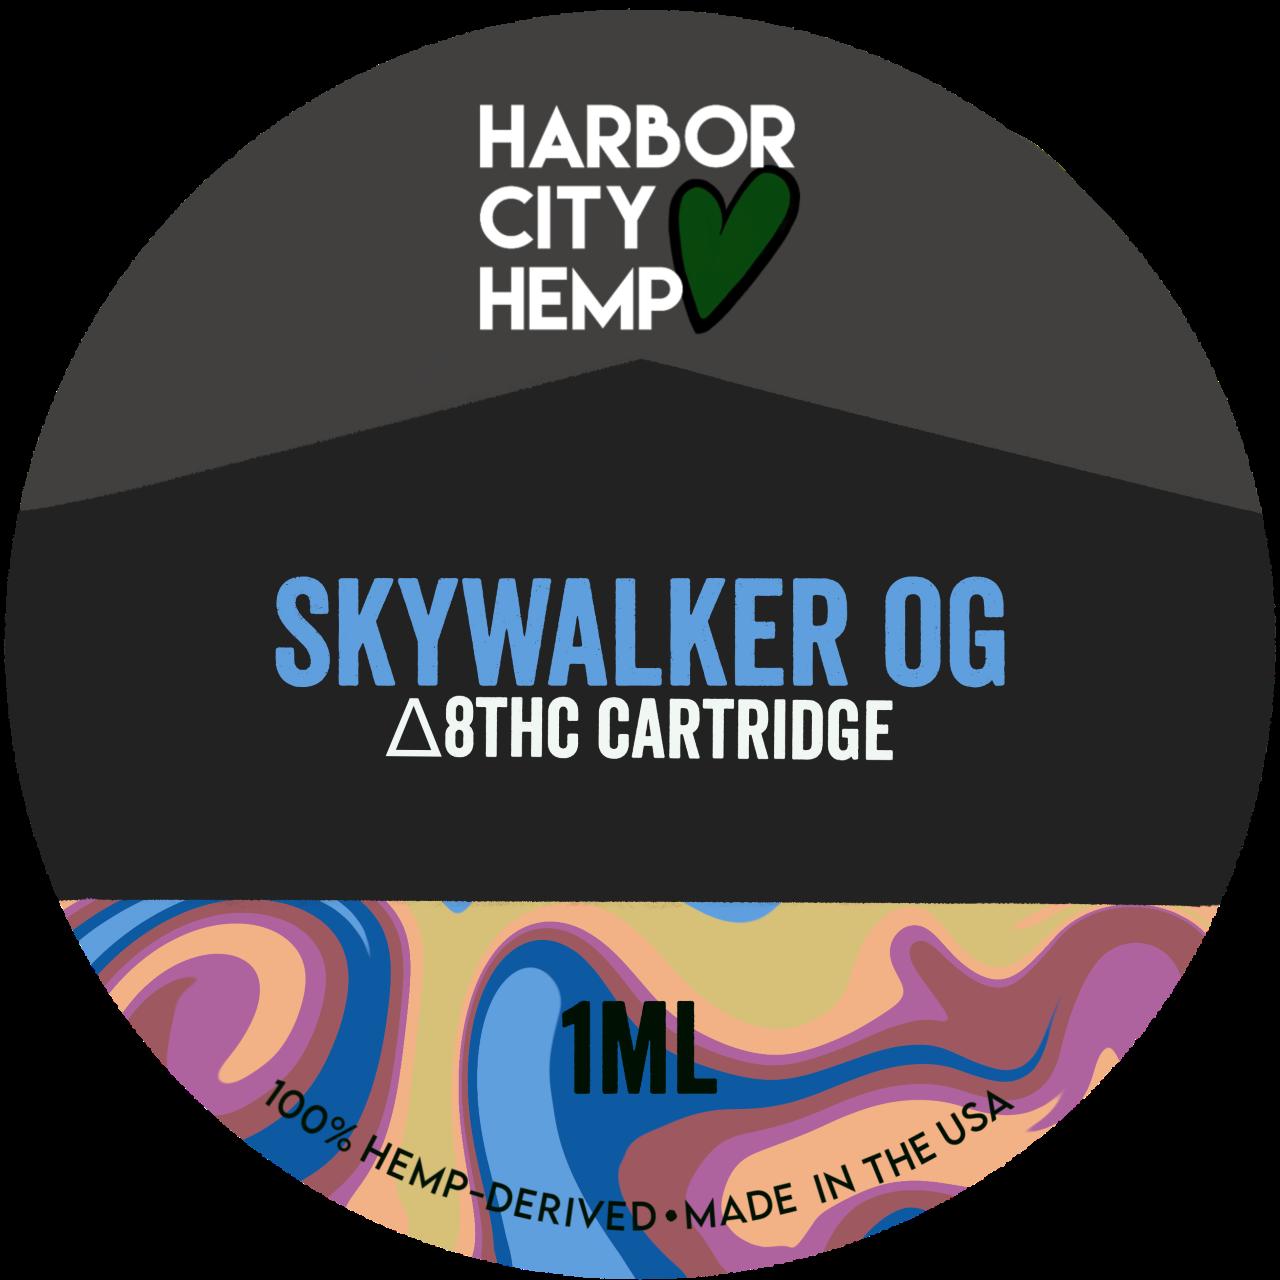 Harbor City Hemp Delta 8 vape 1ml Skywalker OG